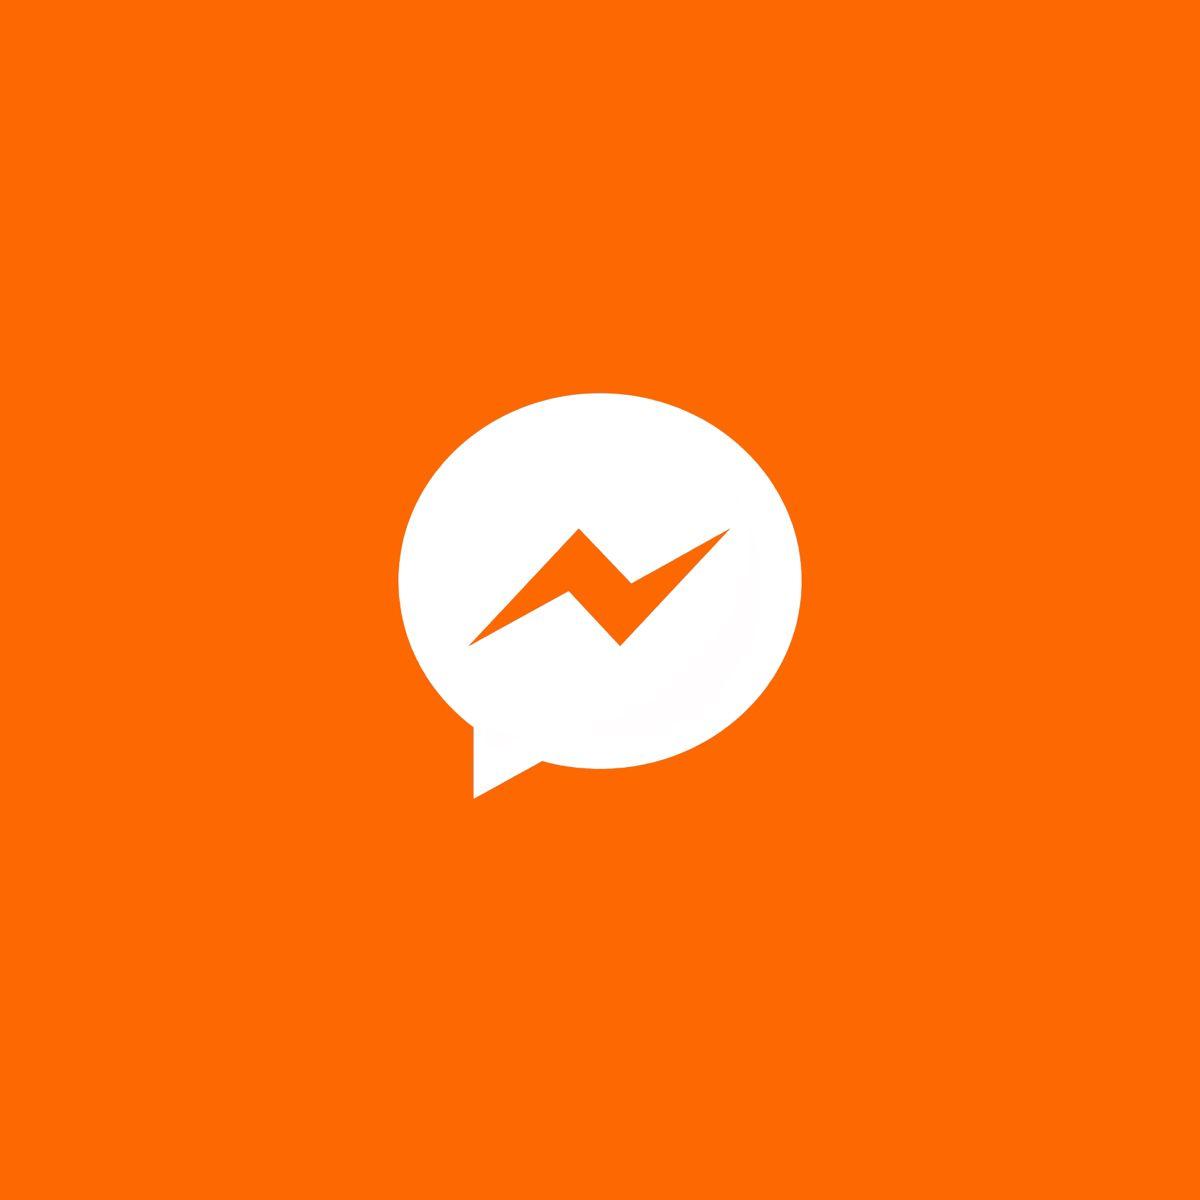 Facebook Messenger Icon Orange Icons Orange Messenger Icon Ios App Icon Design